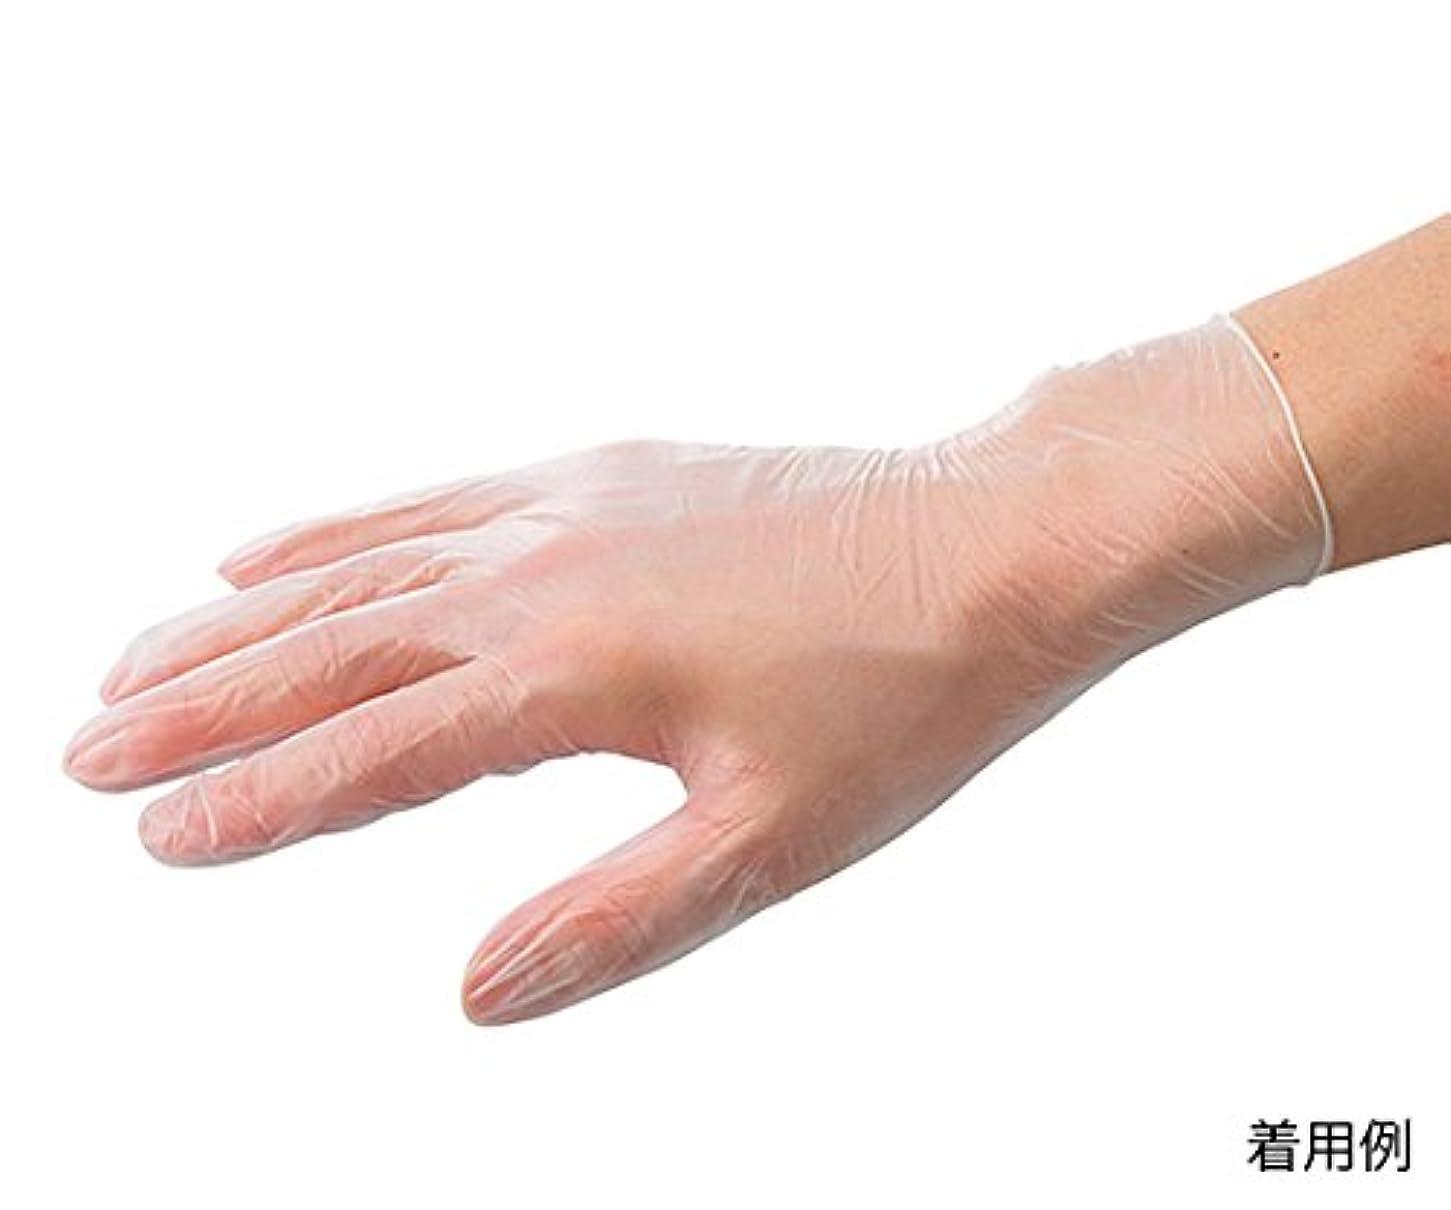 ソーダ水電話に出るコーラスARメディコム?インク?アジアリミテッド7-3727-02バイタルプラスチック手袋(パウダー付き)M150枚入